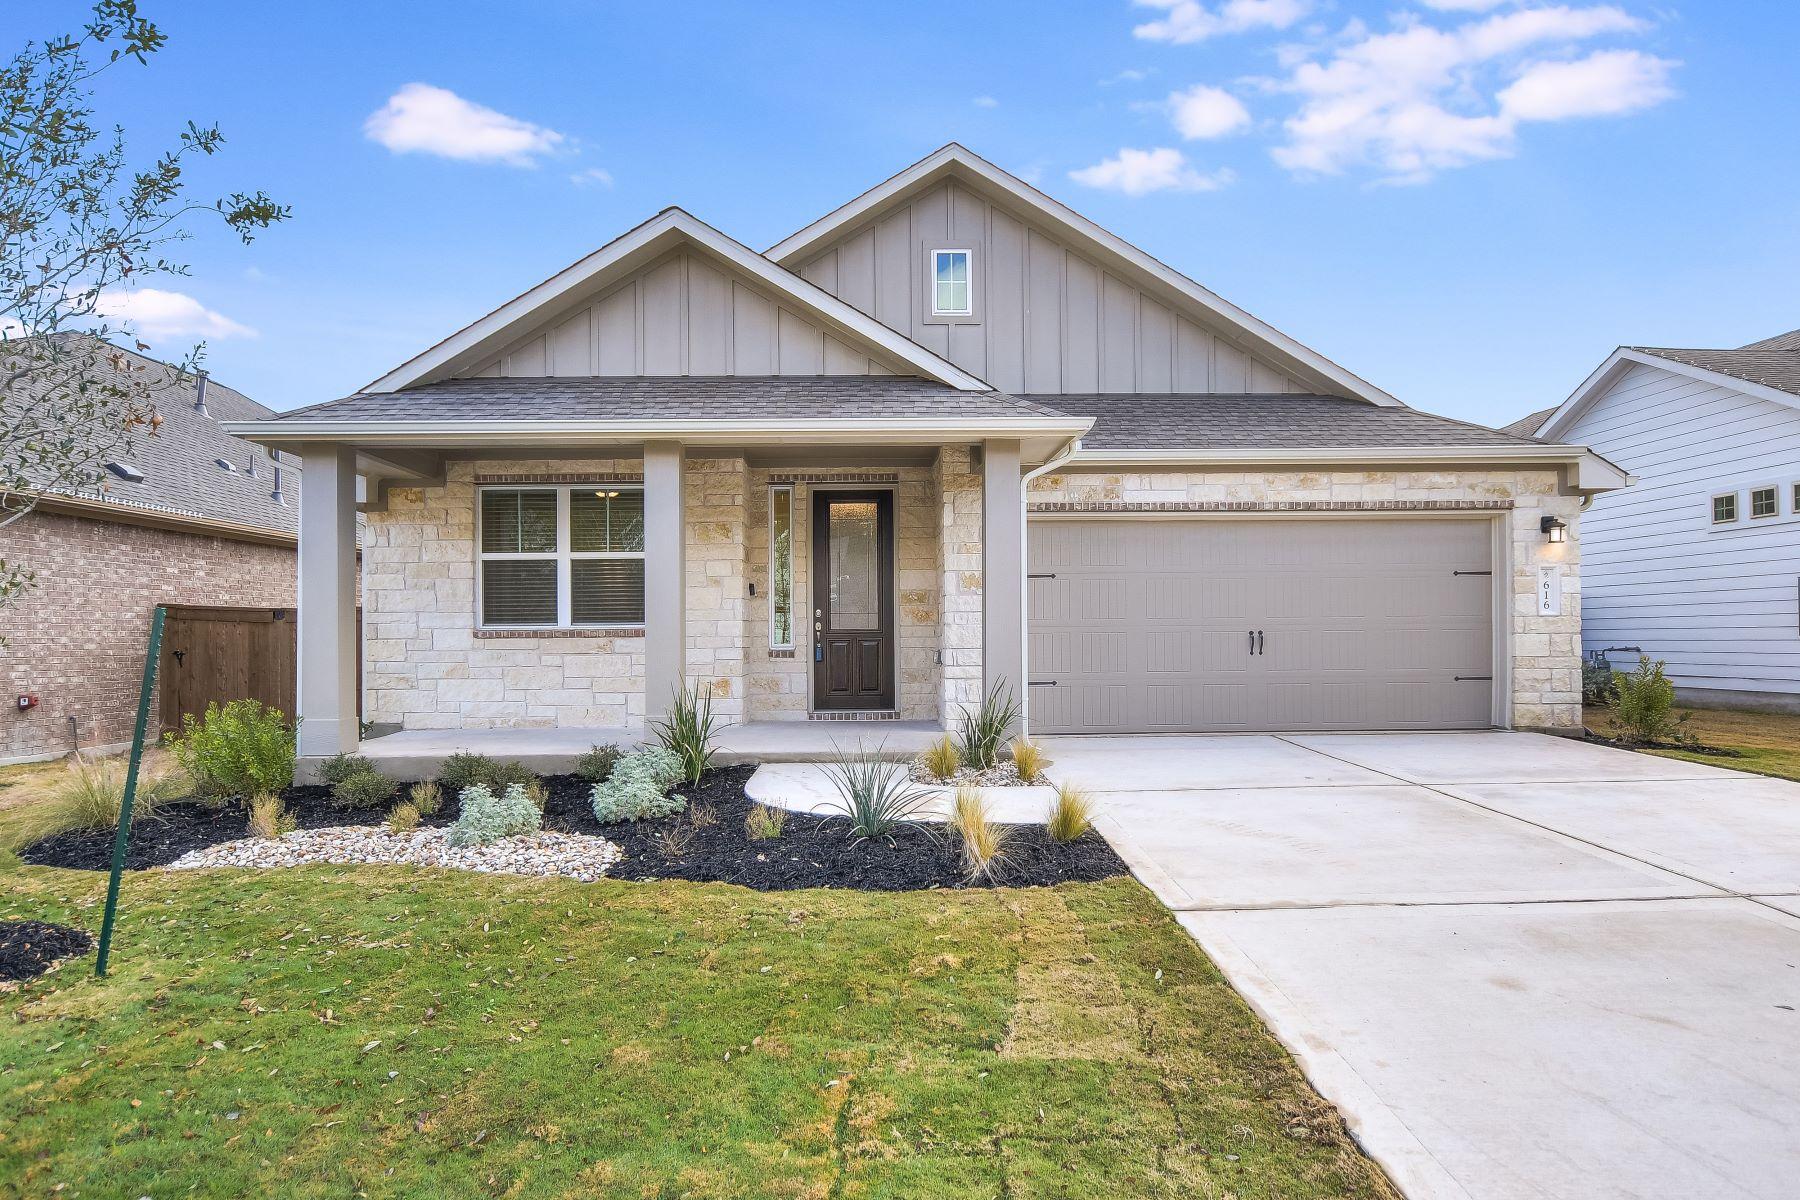 Single Family Homes for Sale at 616 Smilser Lane, Leander, TX 78641 616 Smilser Lane Leander, Texas 78641 United States